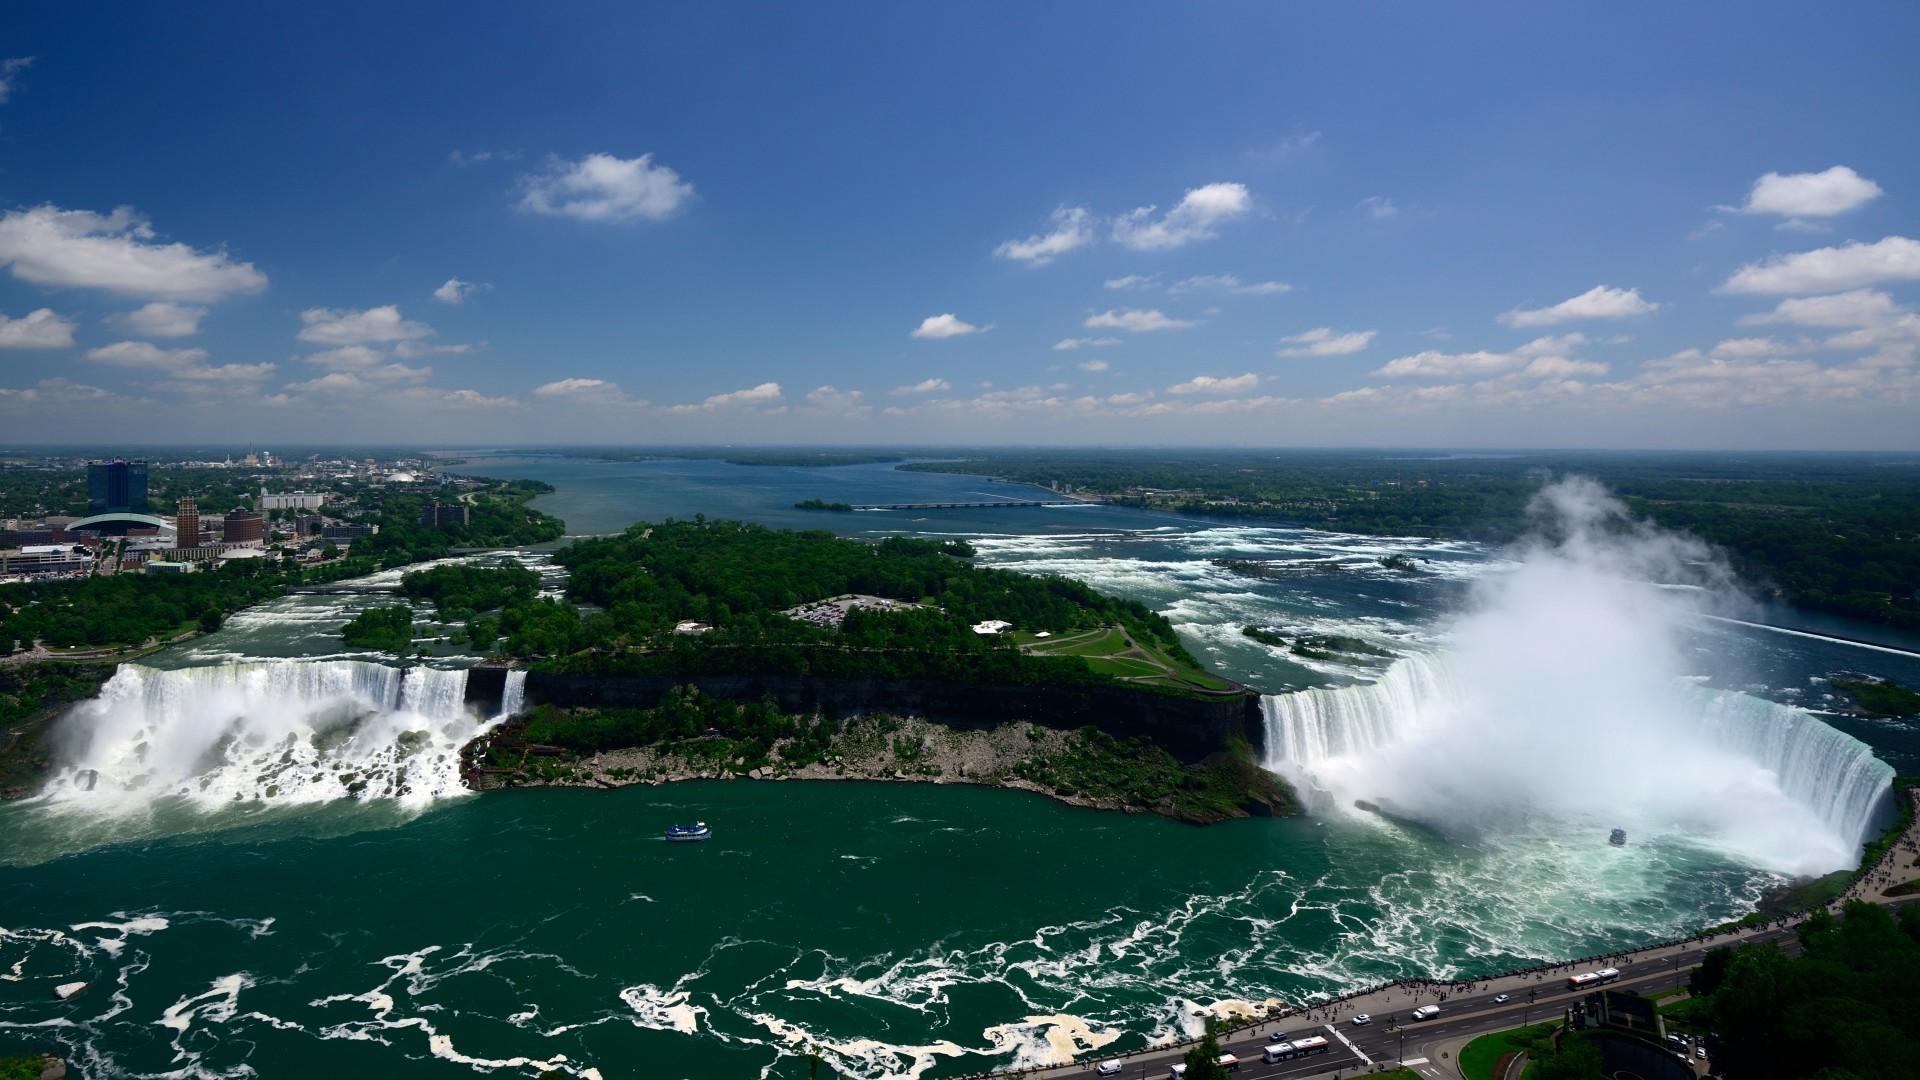 этом ниагарский водопад фото перенести на рабочий стол китае немерянно сетями